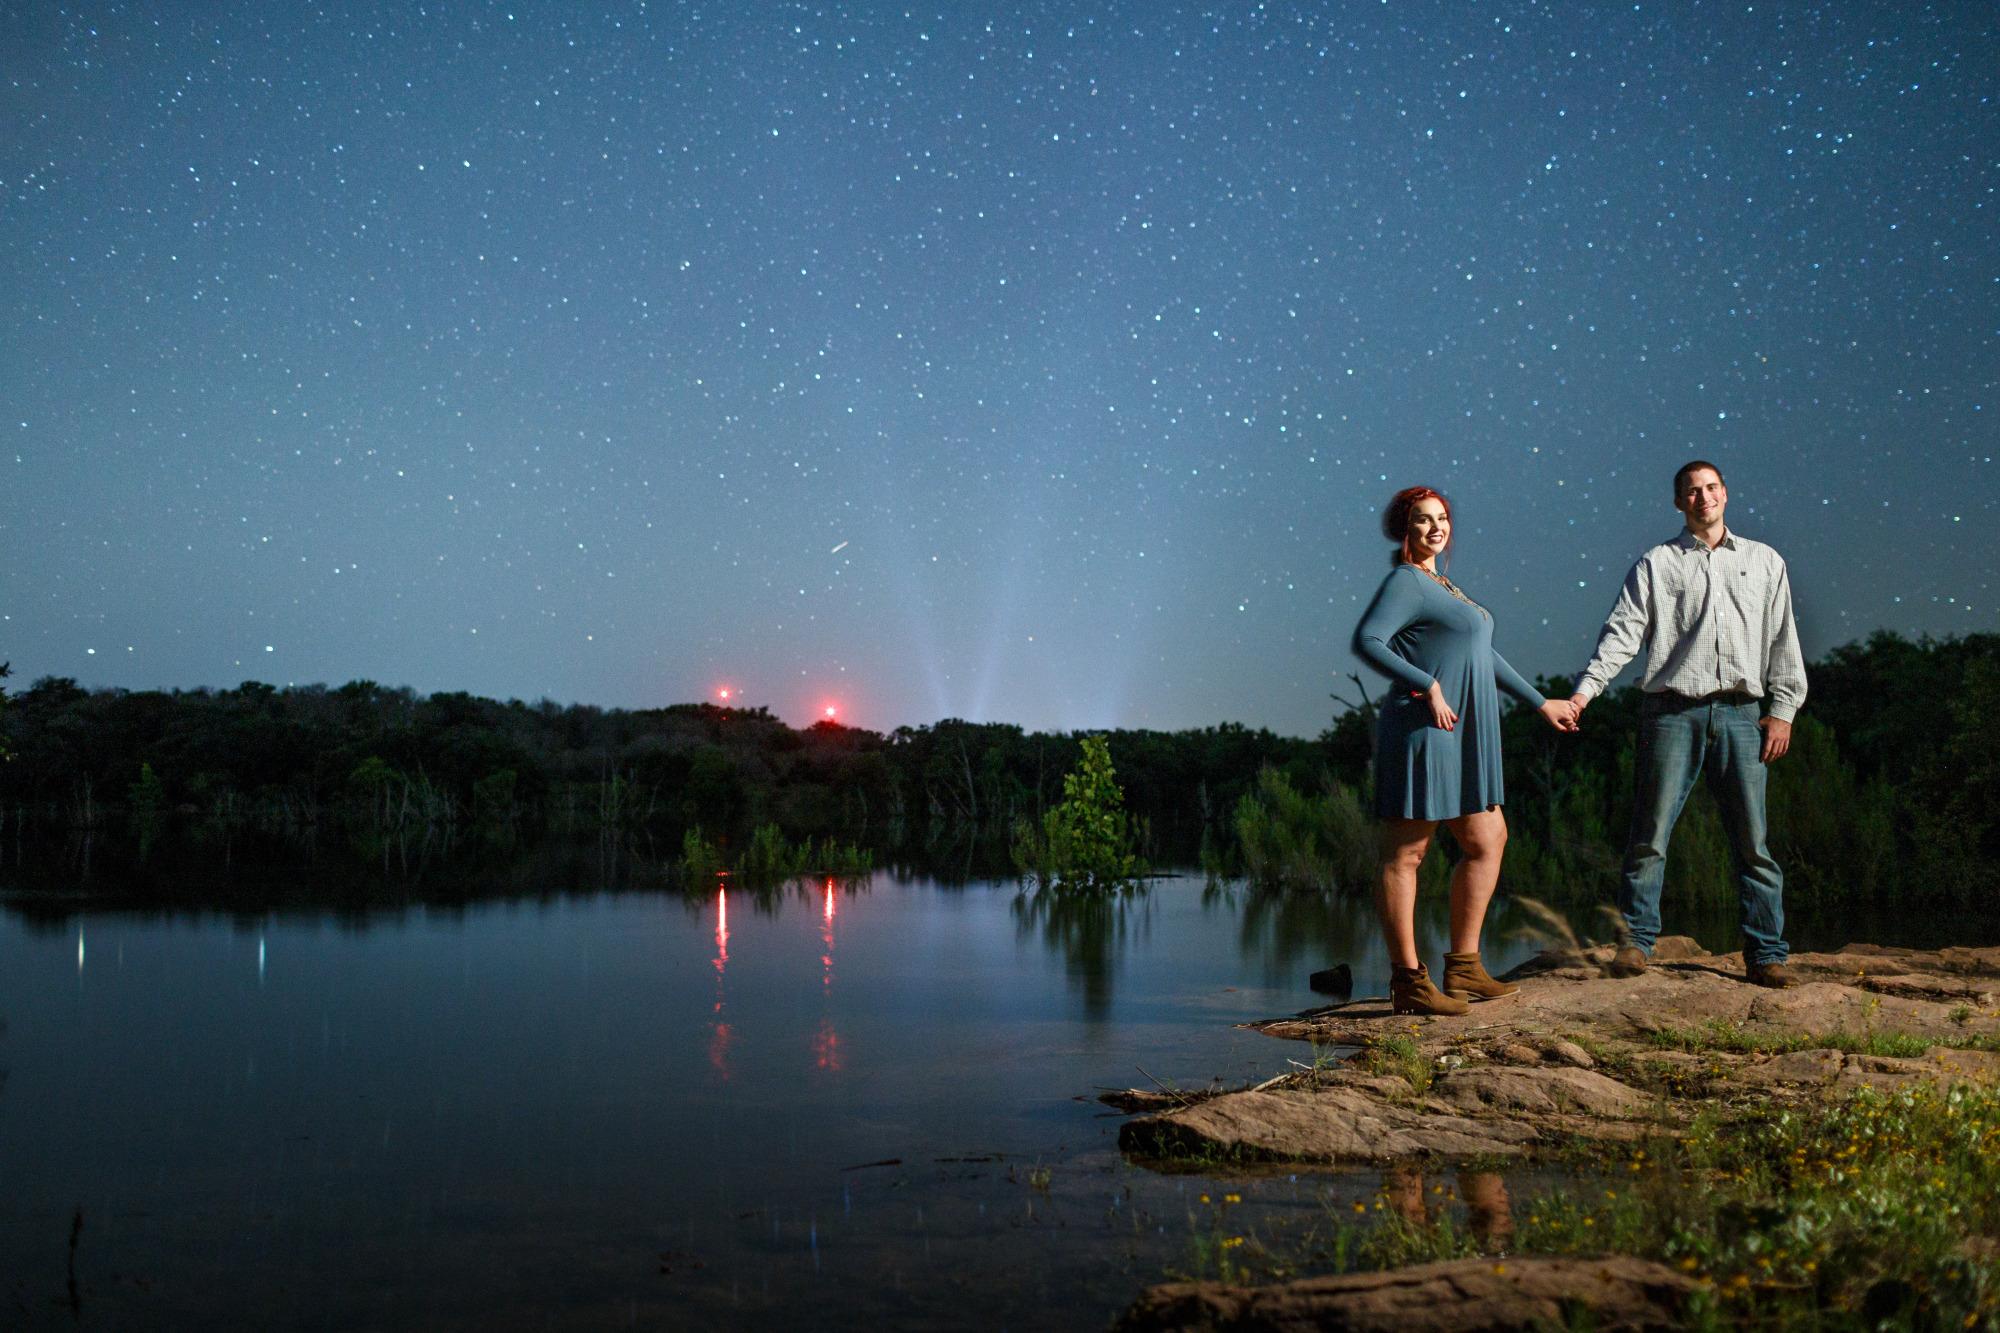 engagement-inks-lake-sunset-stars-jason-and-shay-021